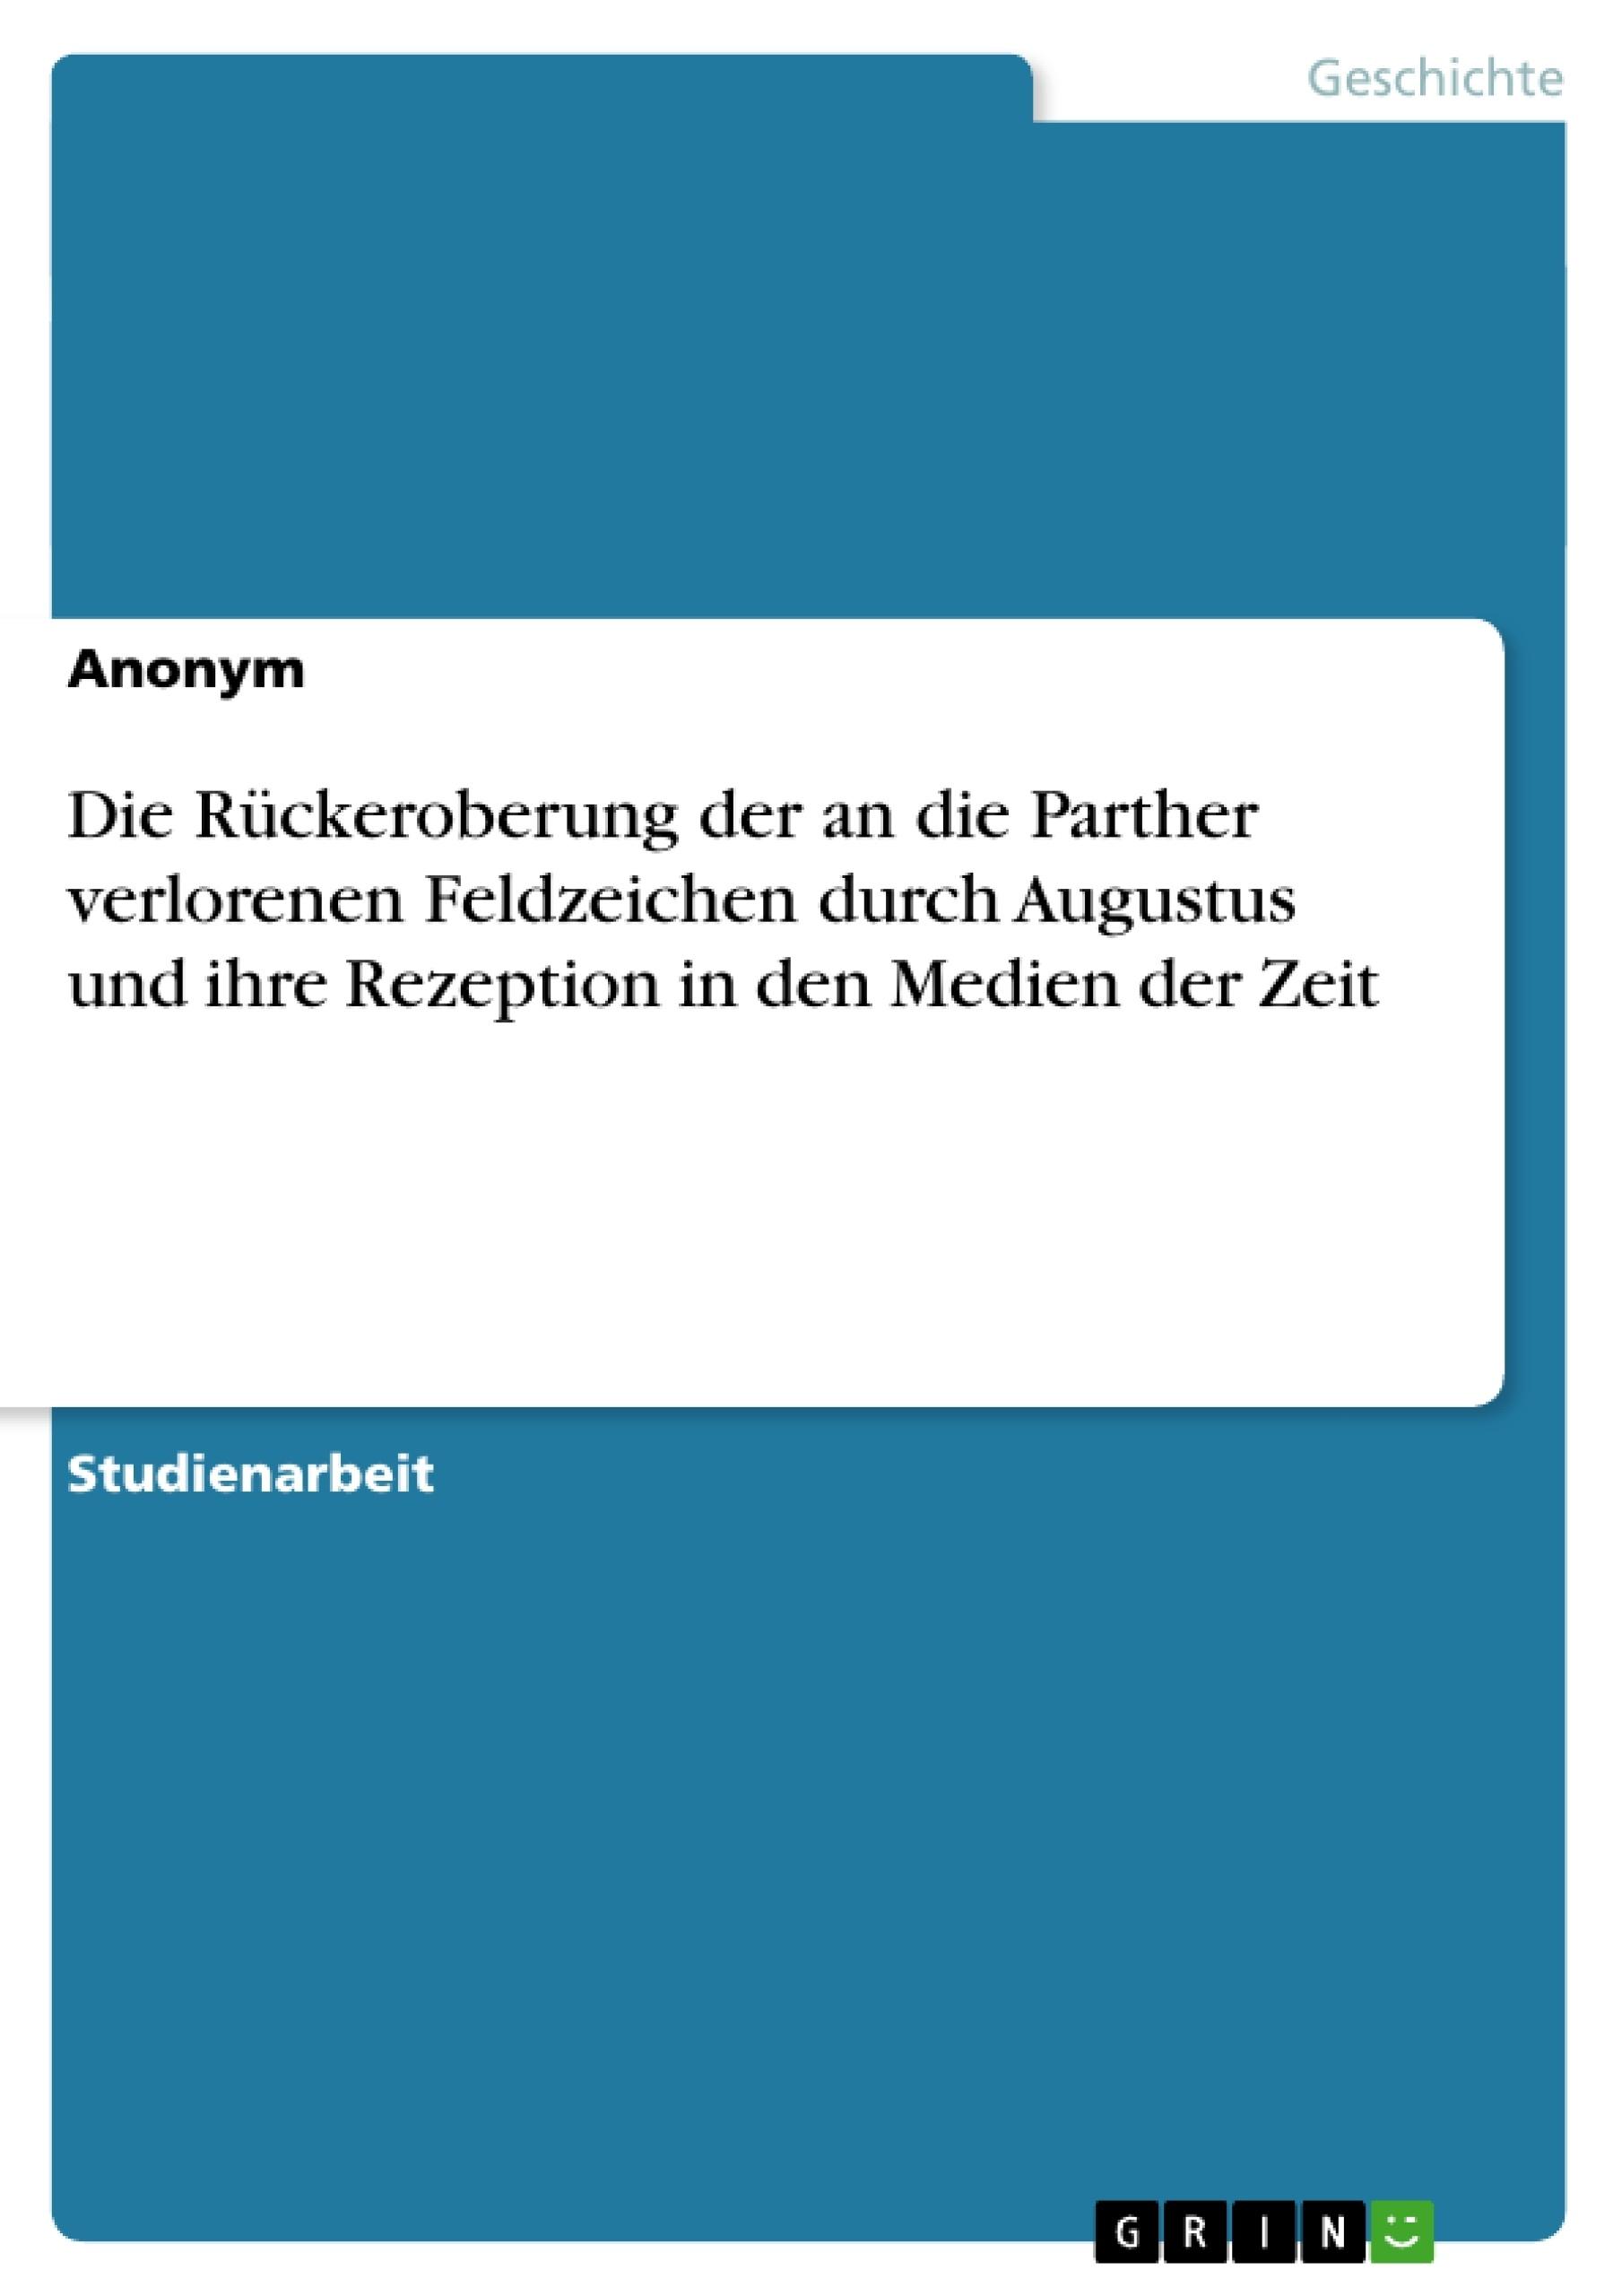 Titel: Die Rückeroberung der an die Parther verlorenen Feldzeichen durch Augustus und ihre Rezeption in den Medien der Zeit